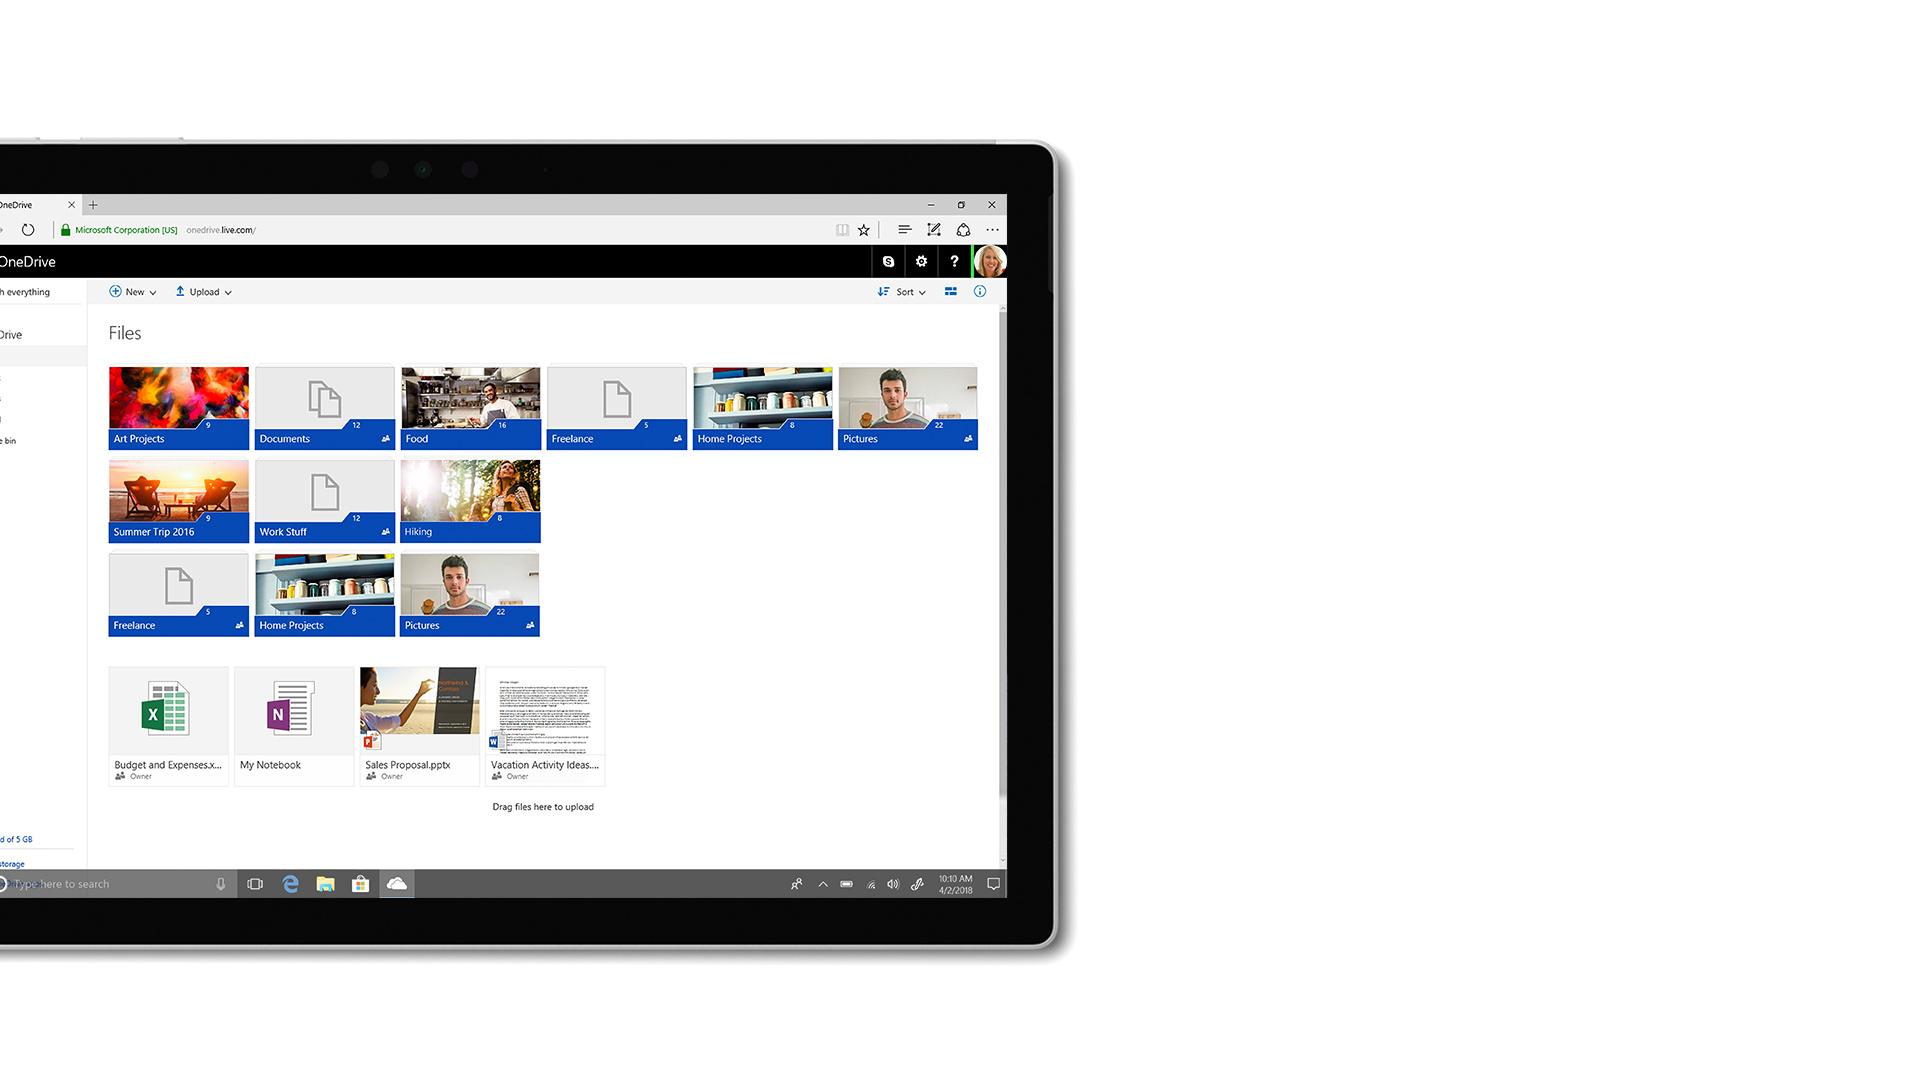 Billede af brugergrænseflade i Microsoft OneDrive